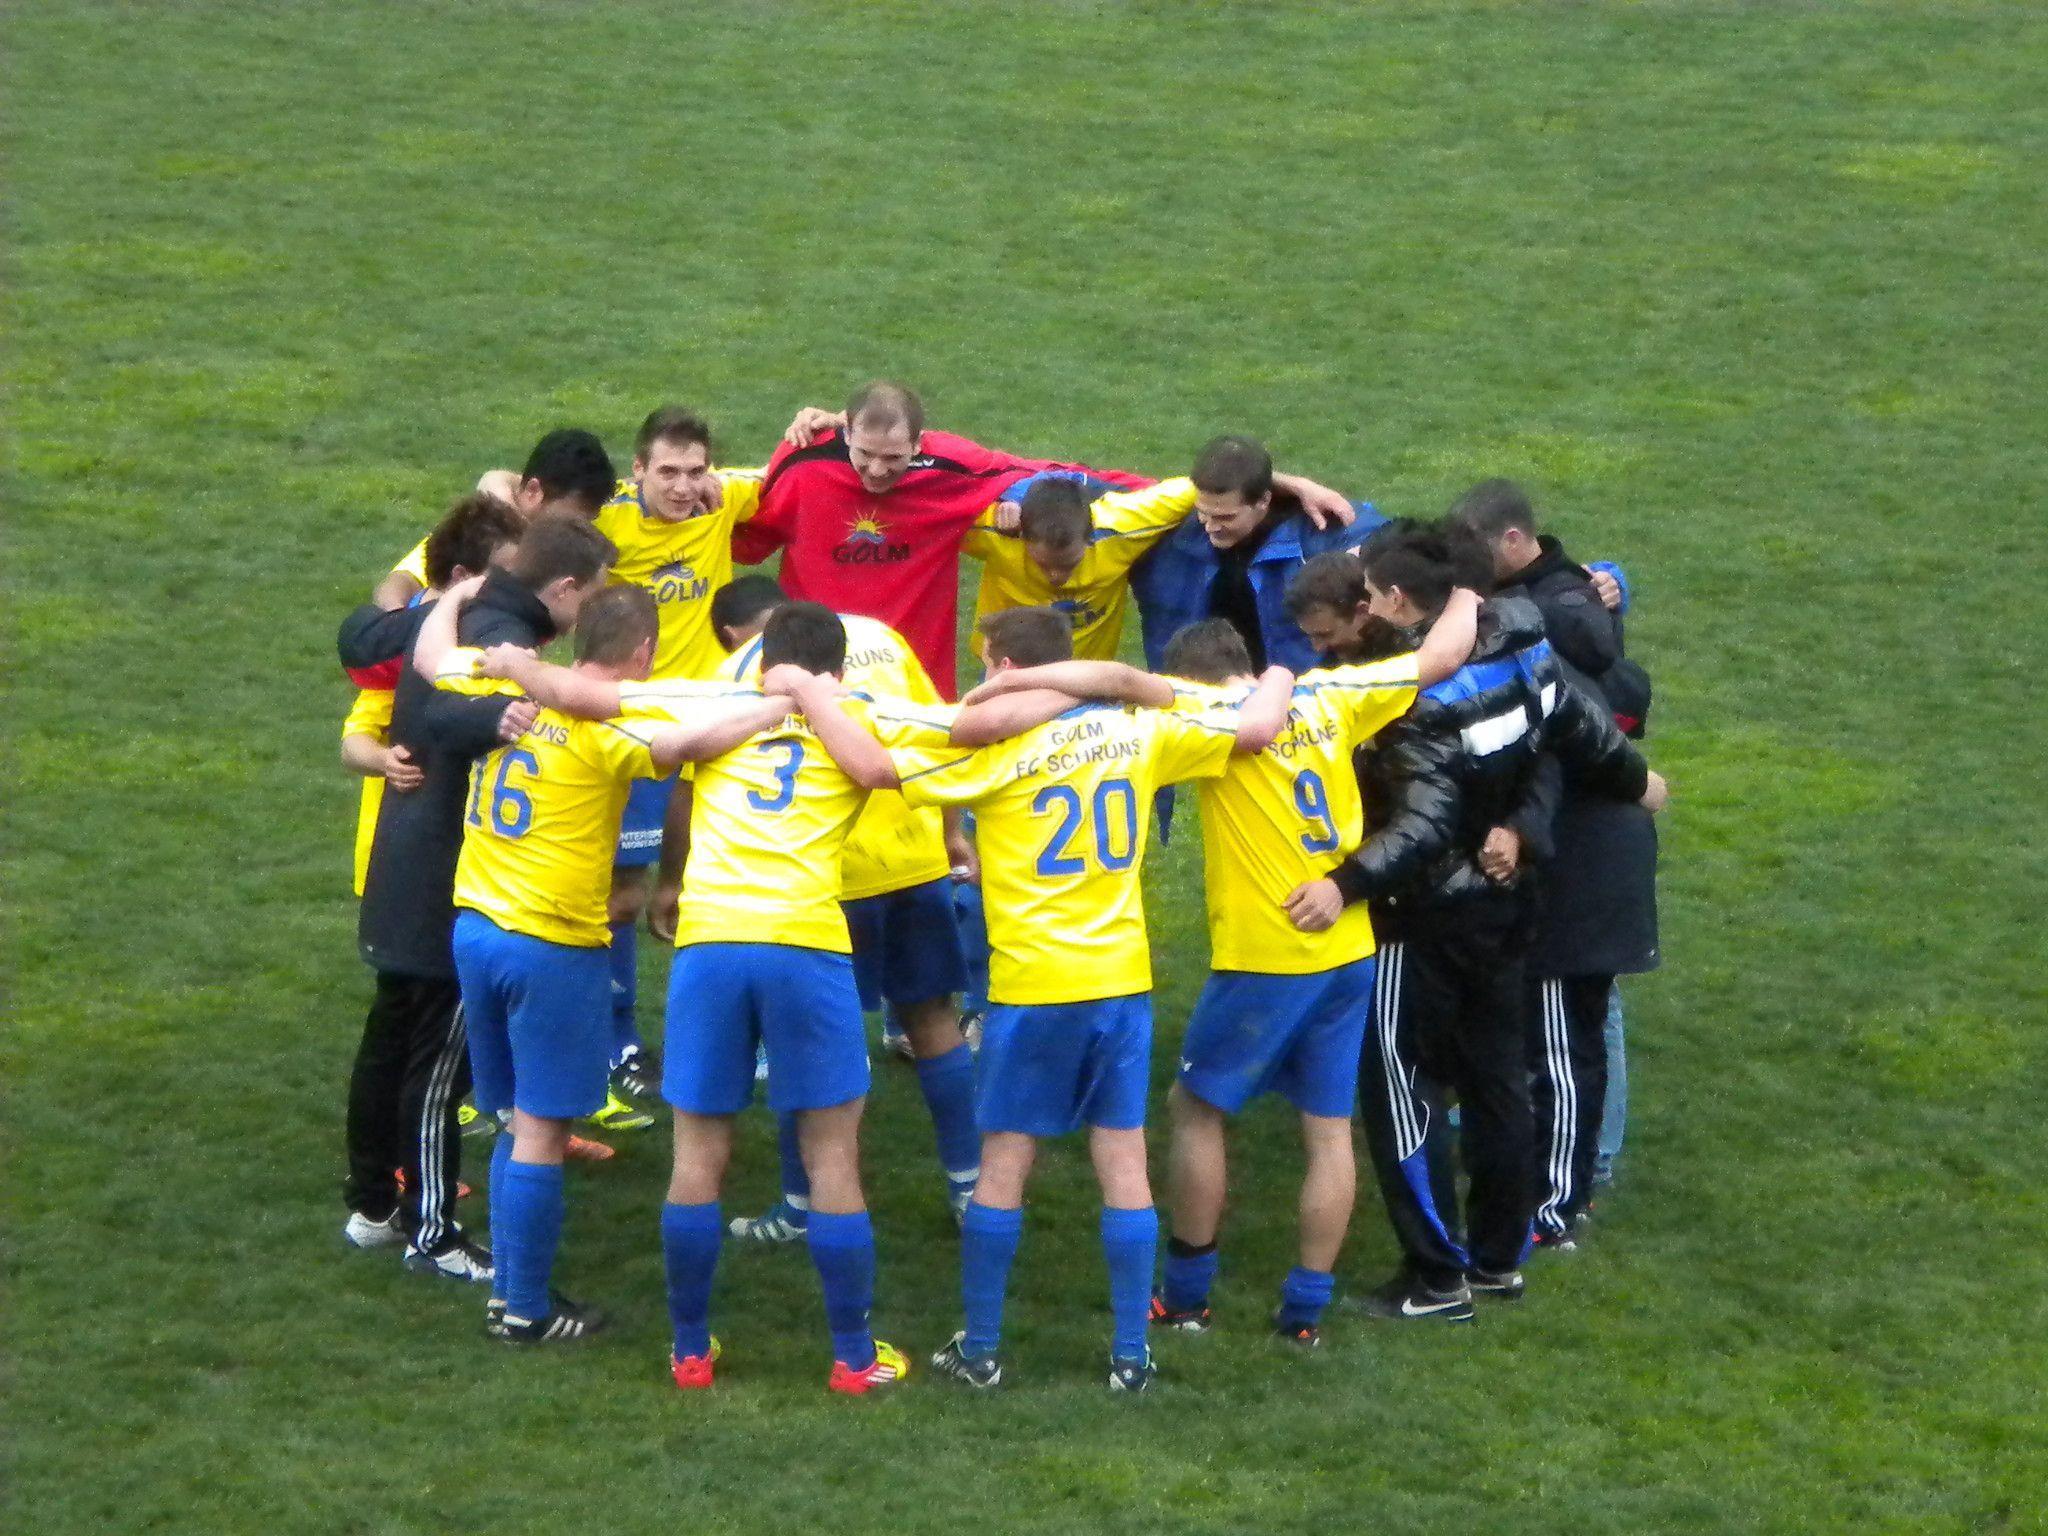 Der FCS jubelt über den ersten Sieg in Göfis seit vielen Jahren